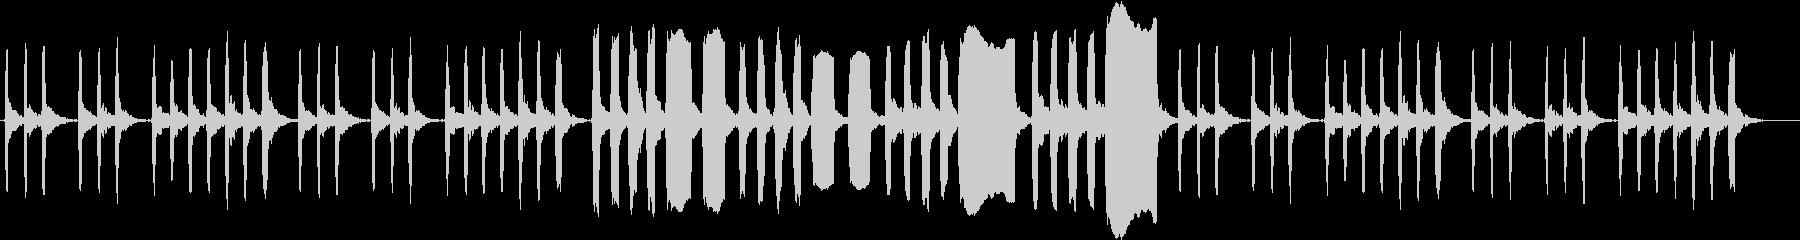 リコーダーで作ったほのぼのした印象の曲の未再生の波形